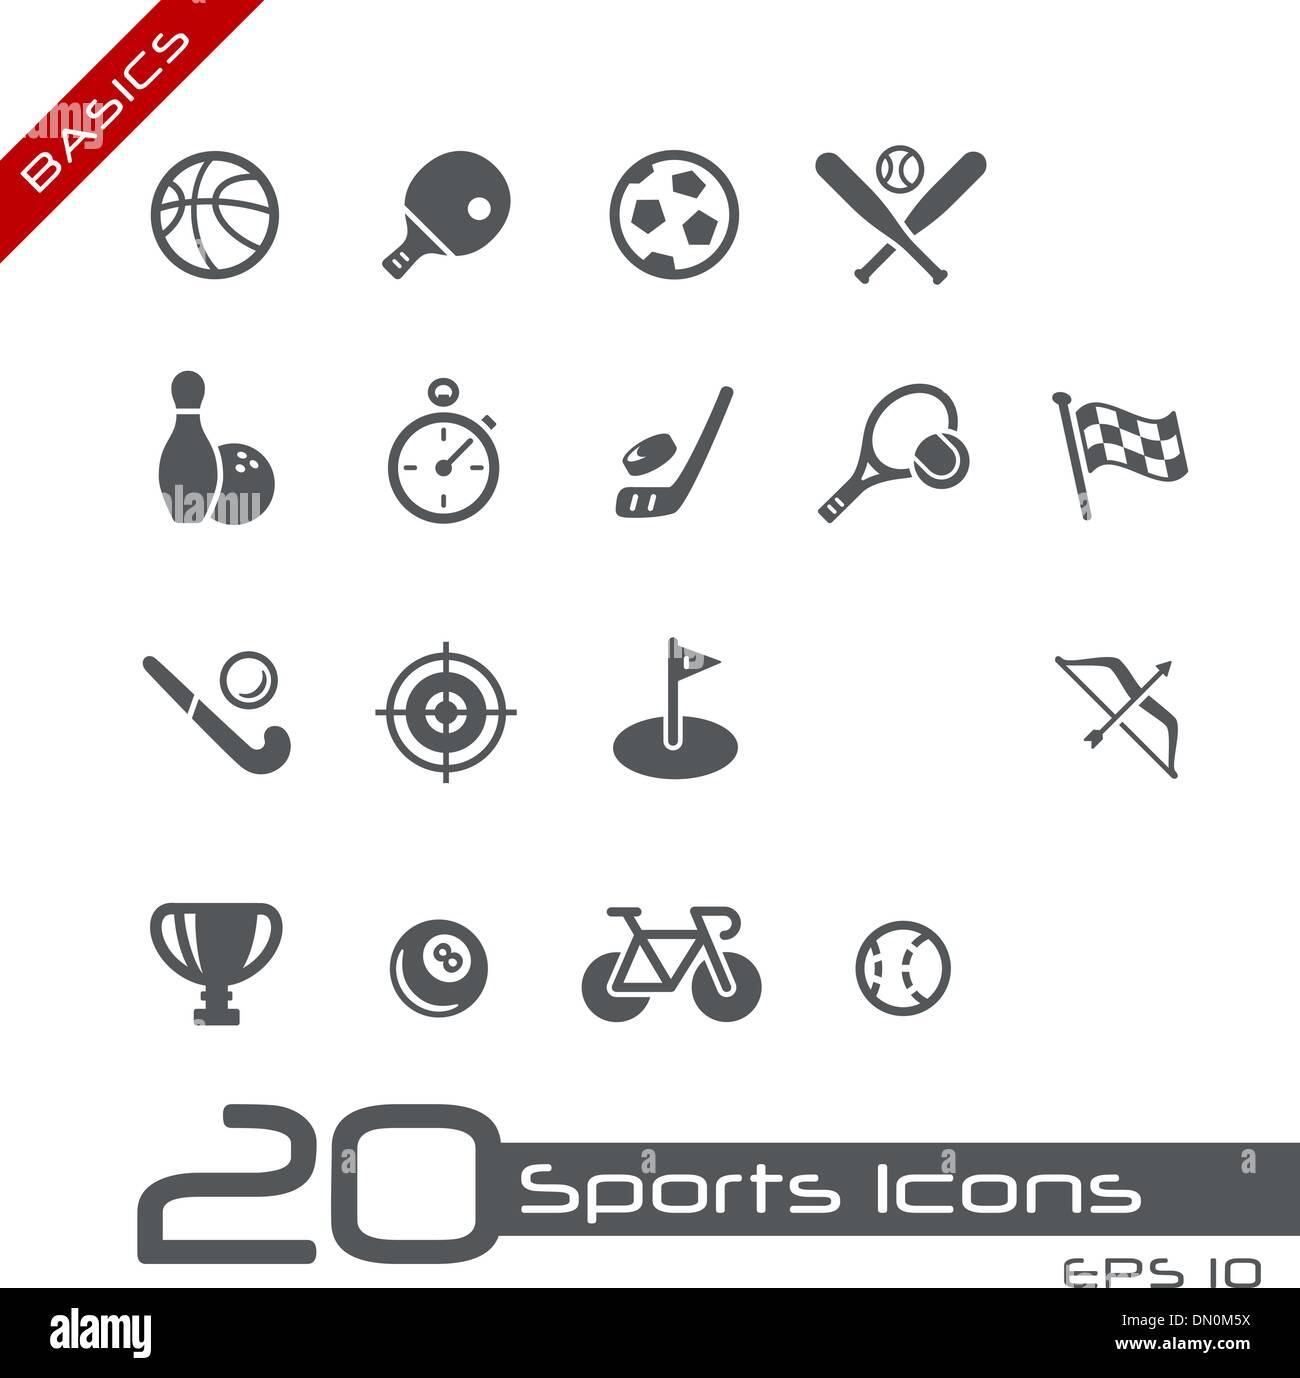 Sports Icons // Basics - Stock Image